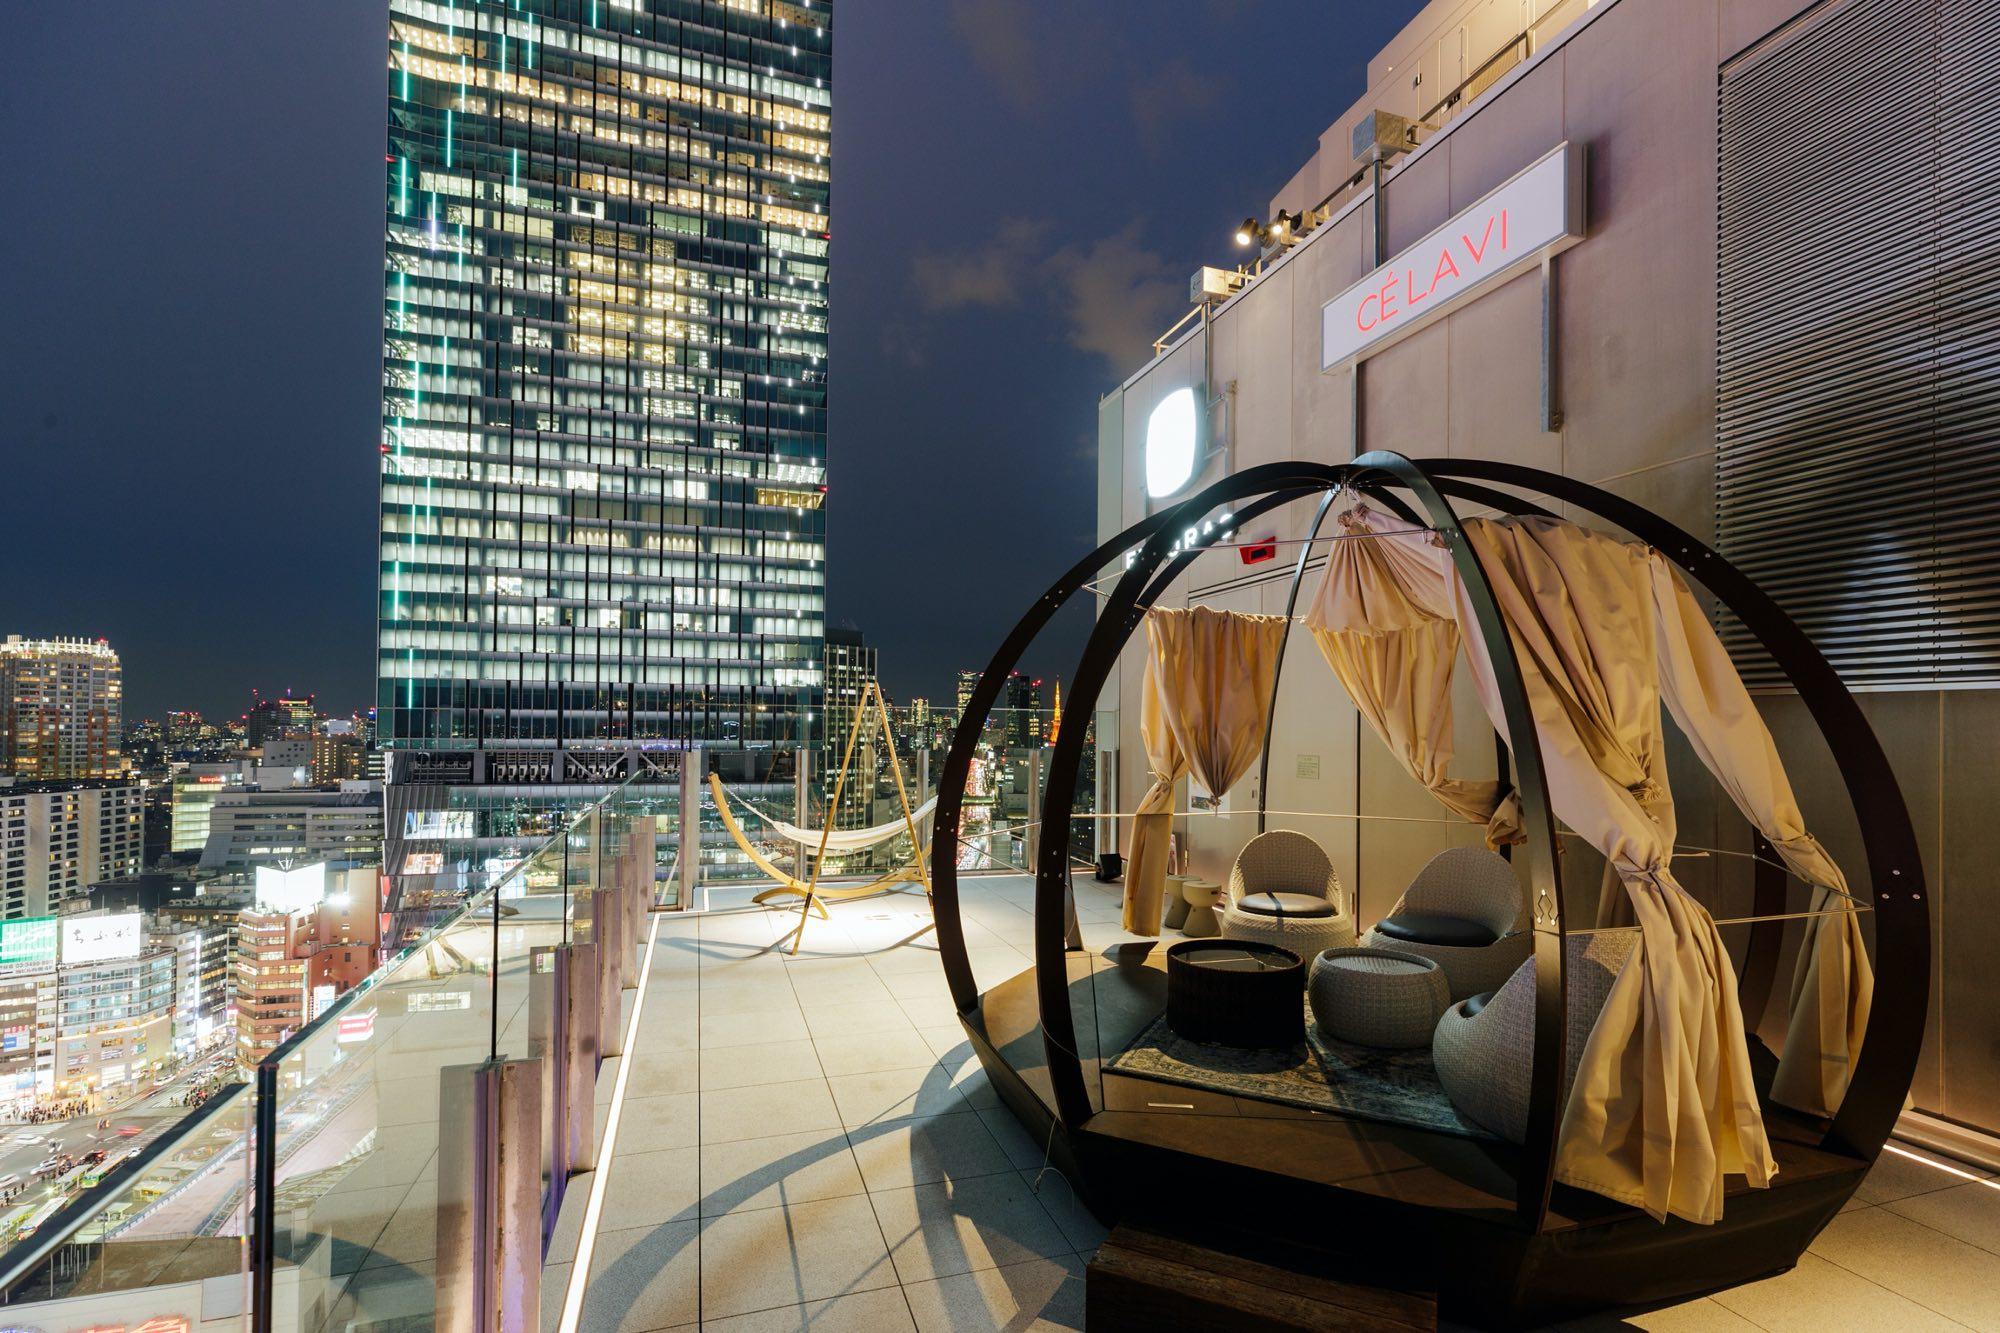 18.5F SKY MEZZANINE(night) Cé la vi Tokyo